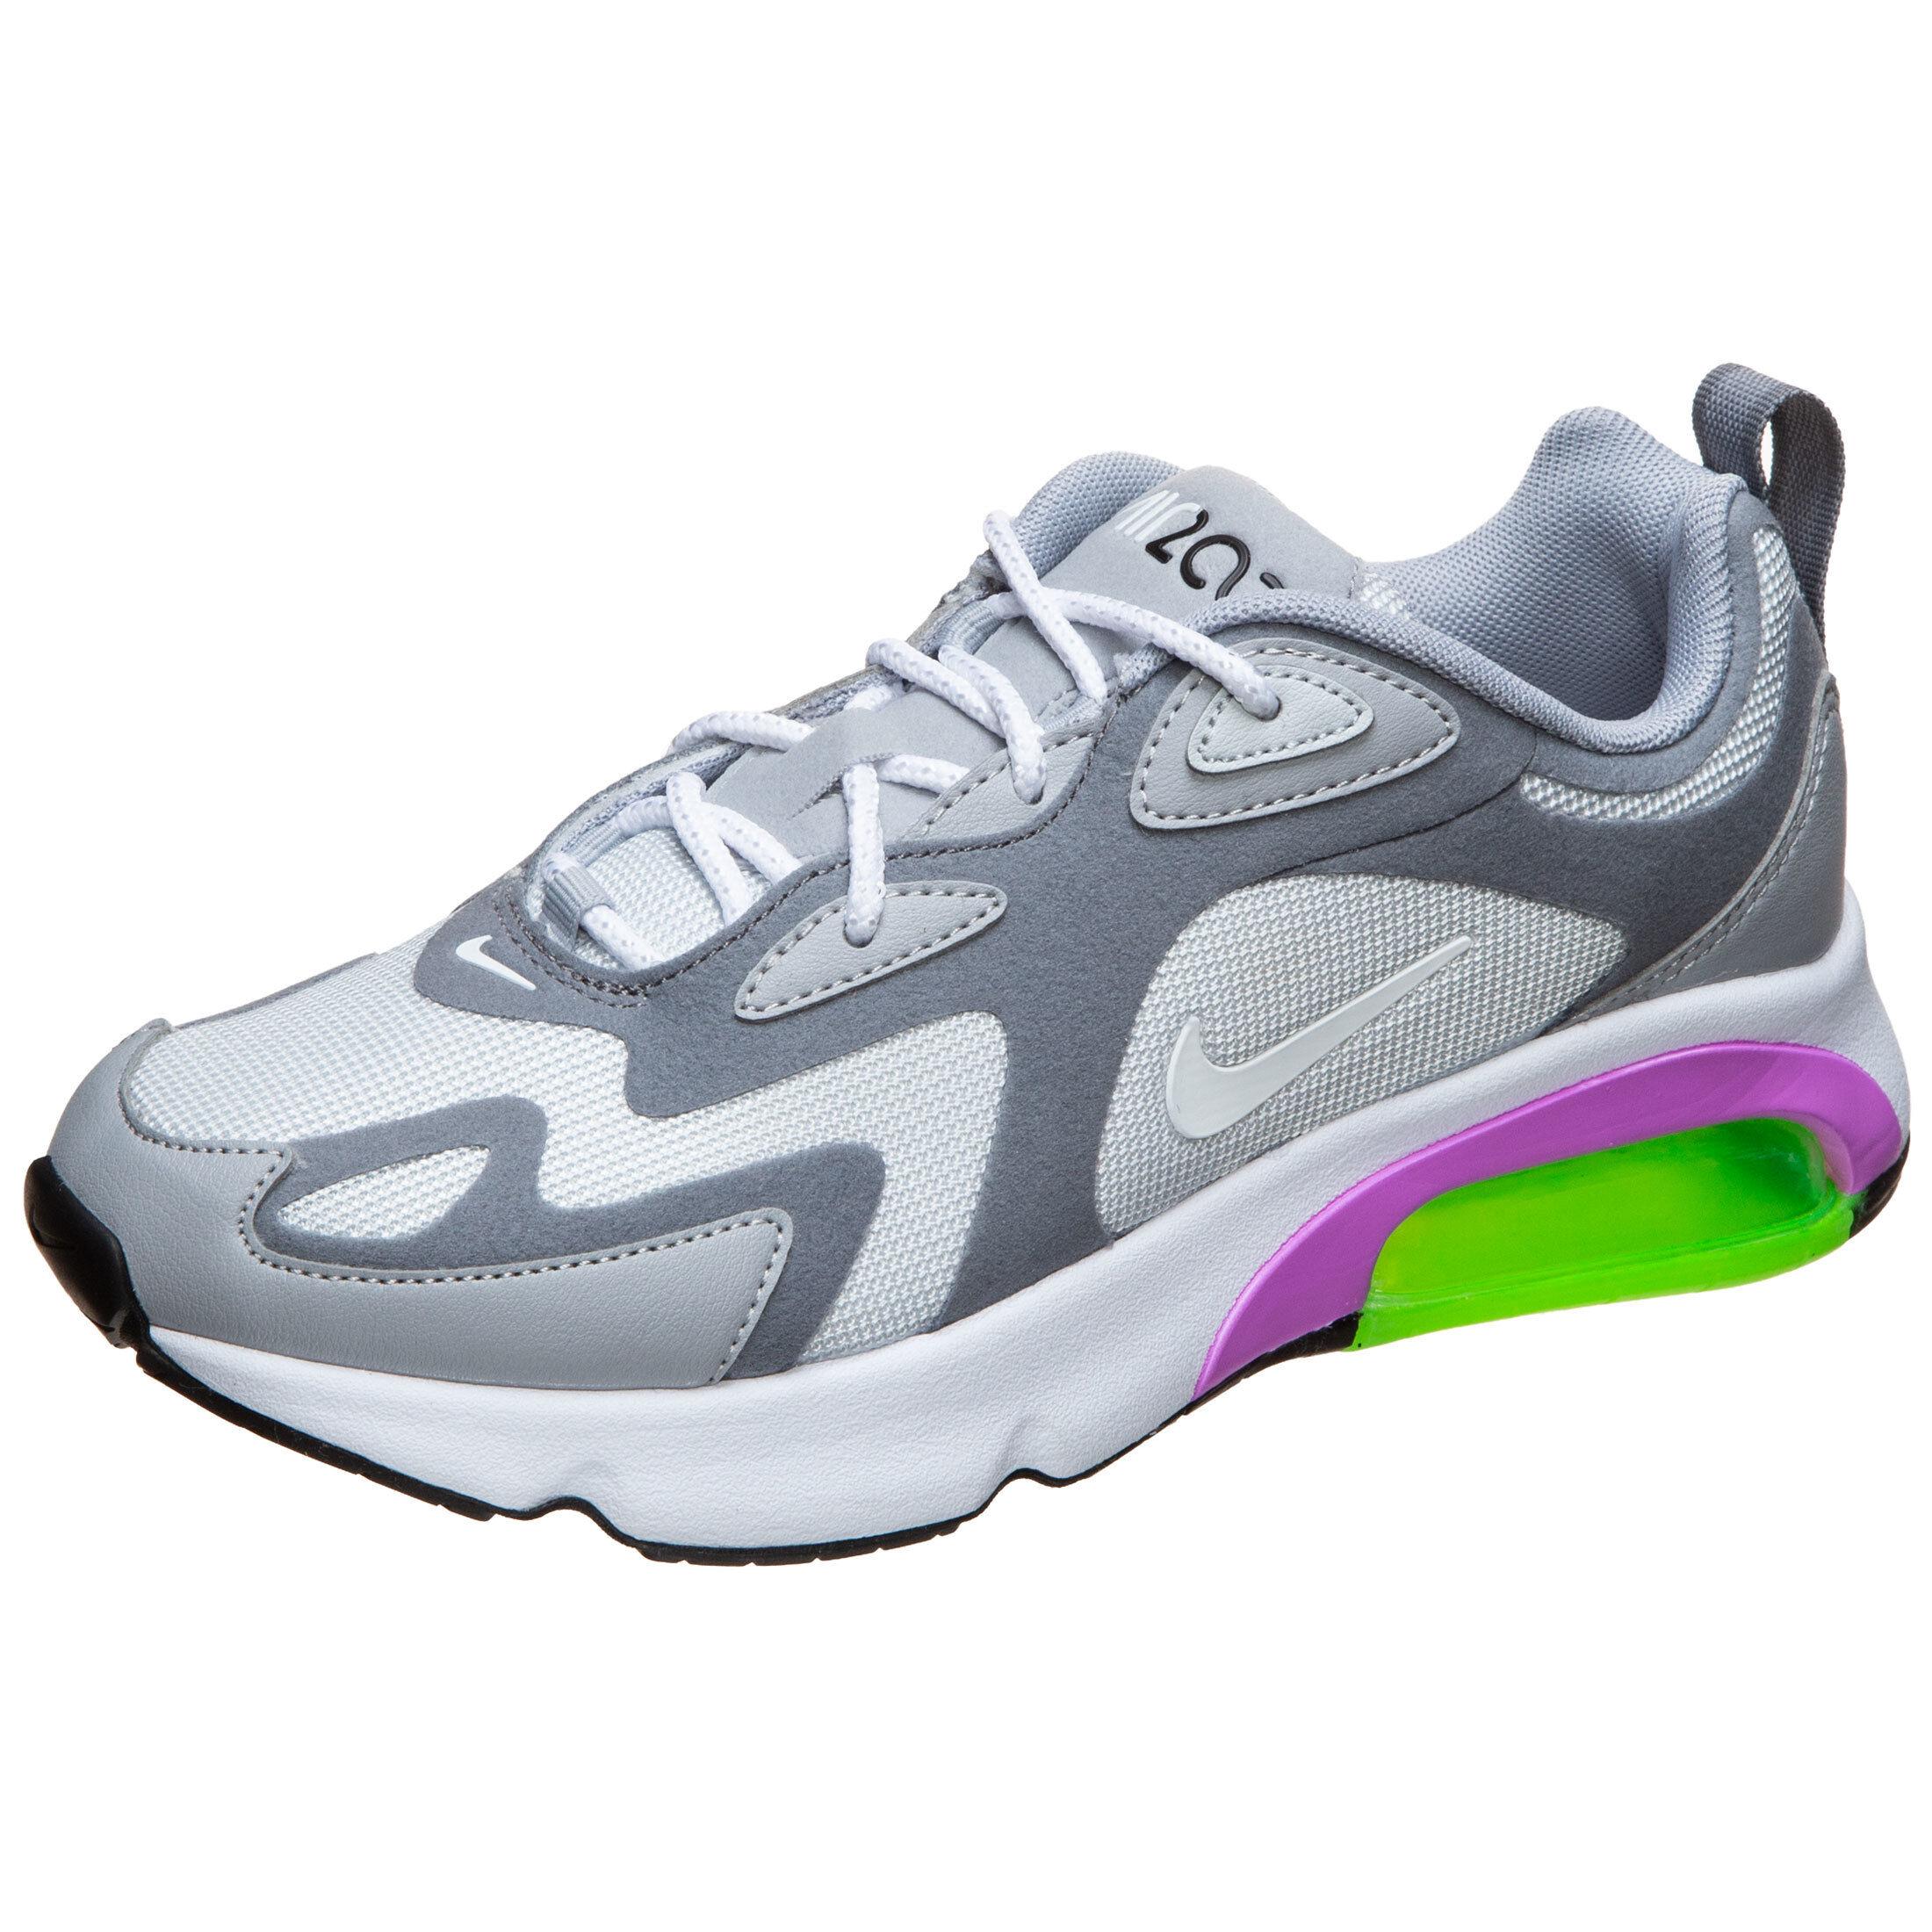 Nike Sportswear Air Max 200 Damen Sneaker online kaufen